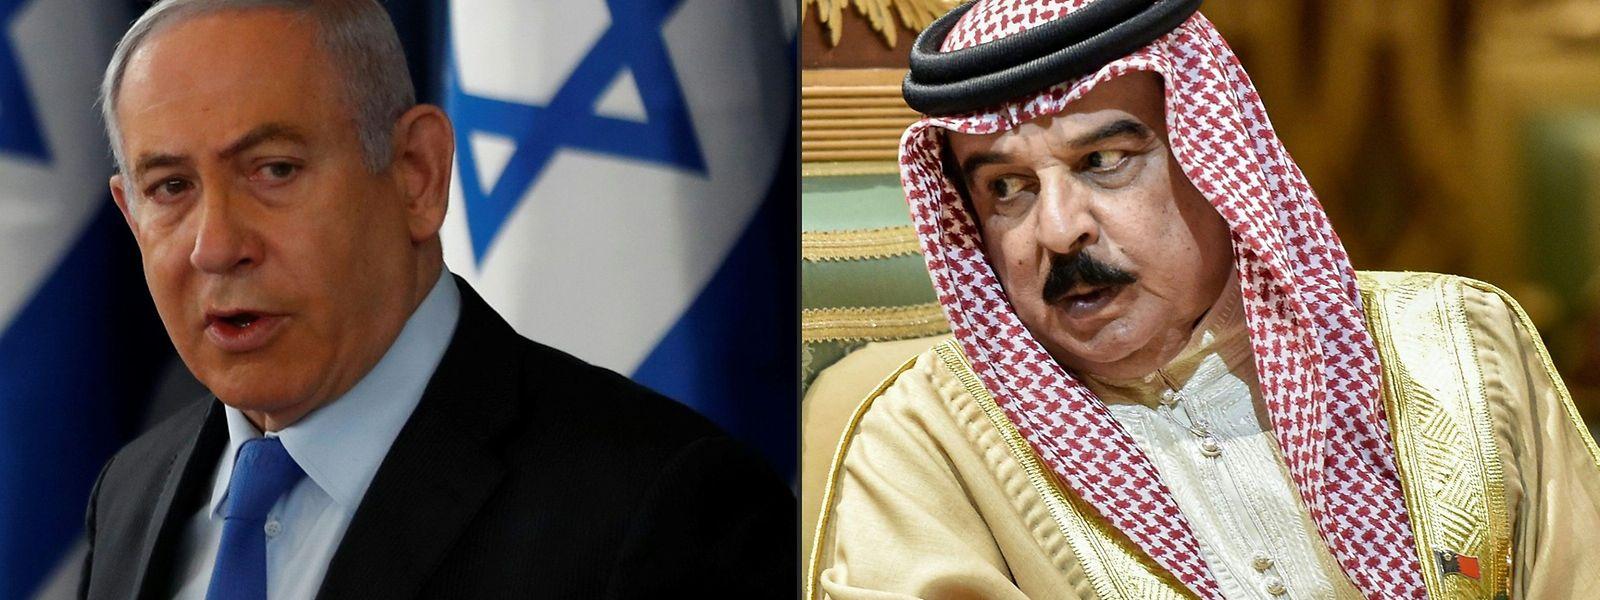 Israels Premier Benjamin Netanjahu und König Hamad bin Isa Al Khalifa, Staatschef von Bahrain.